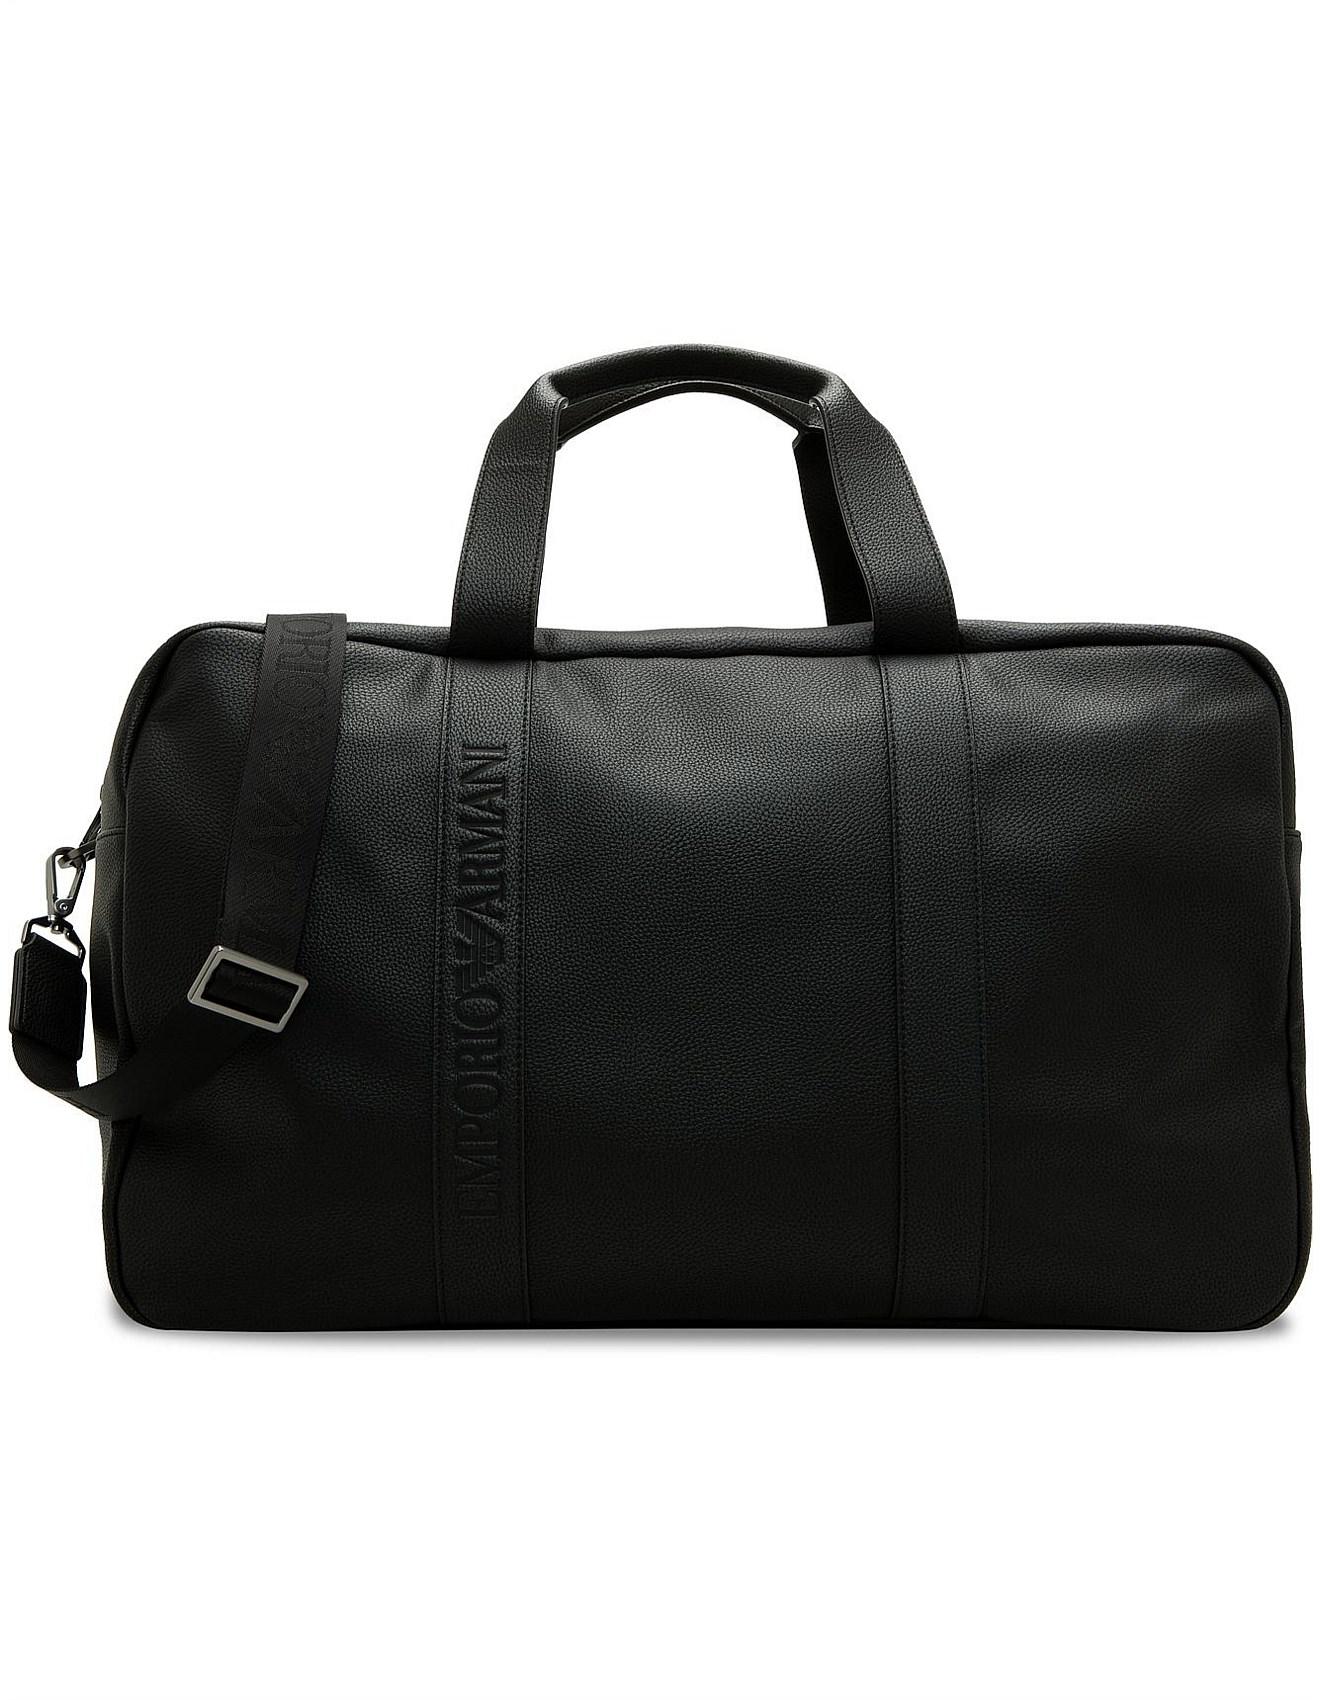 Men's Travel Bags & Weekend Bags | Bags Online